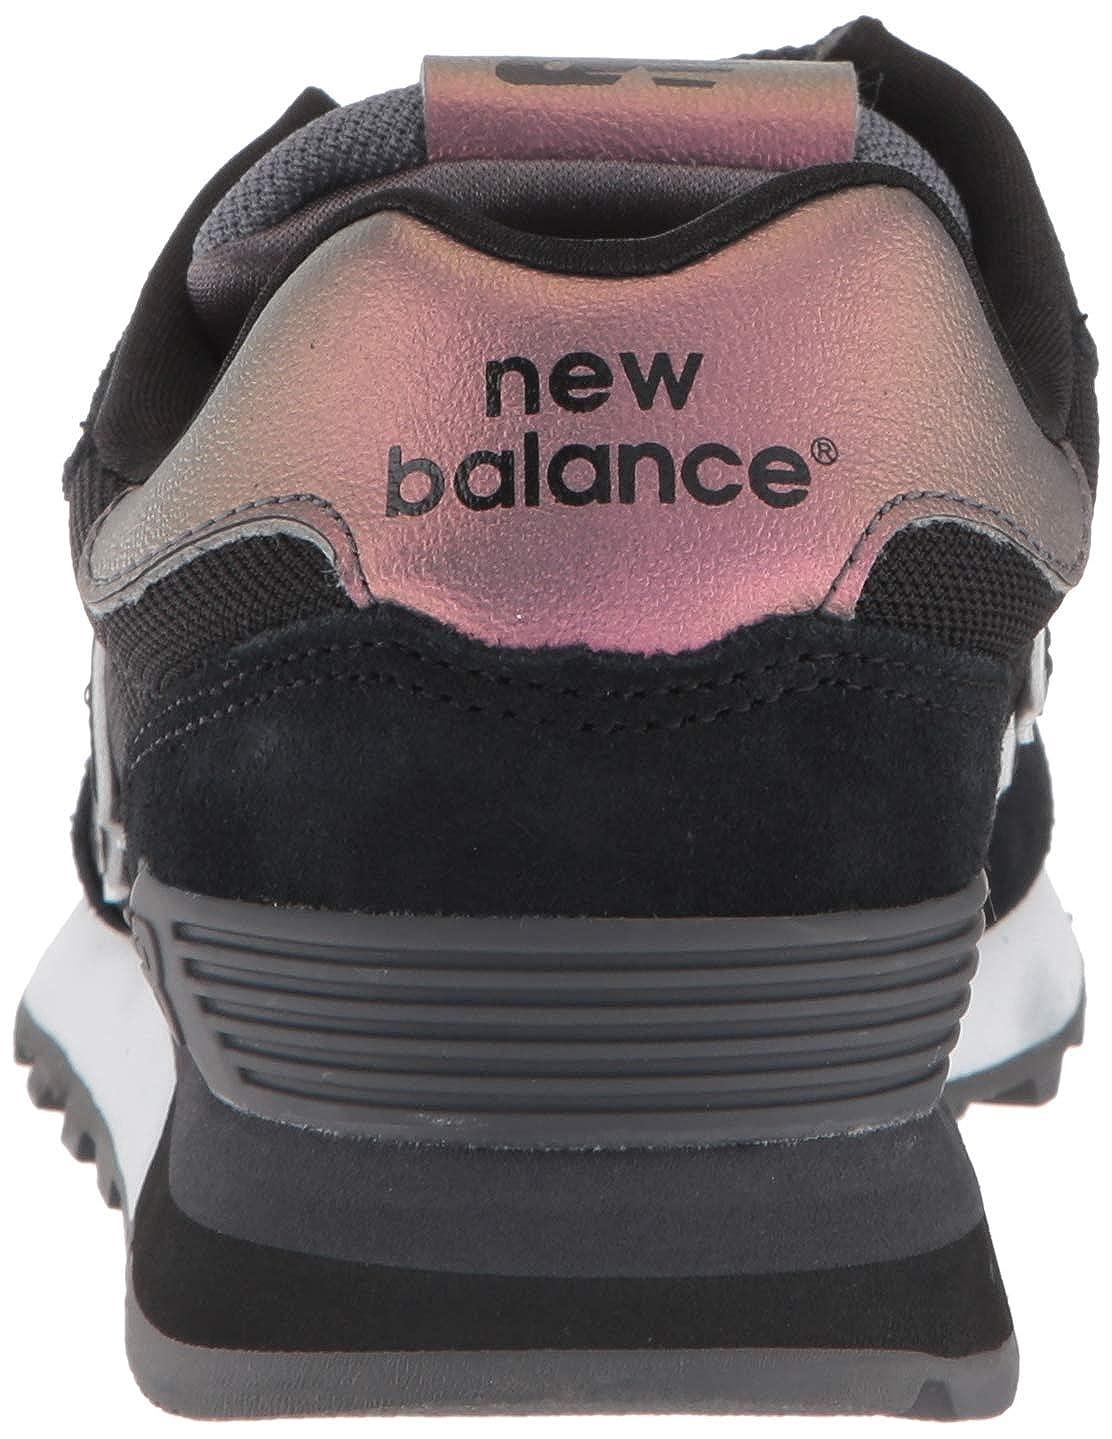 New Balance Balance Balance Damen 515v1 Turnschuh schwarz 1b400e